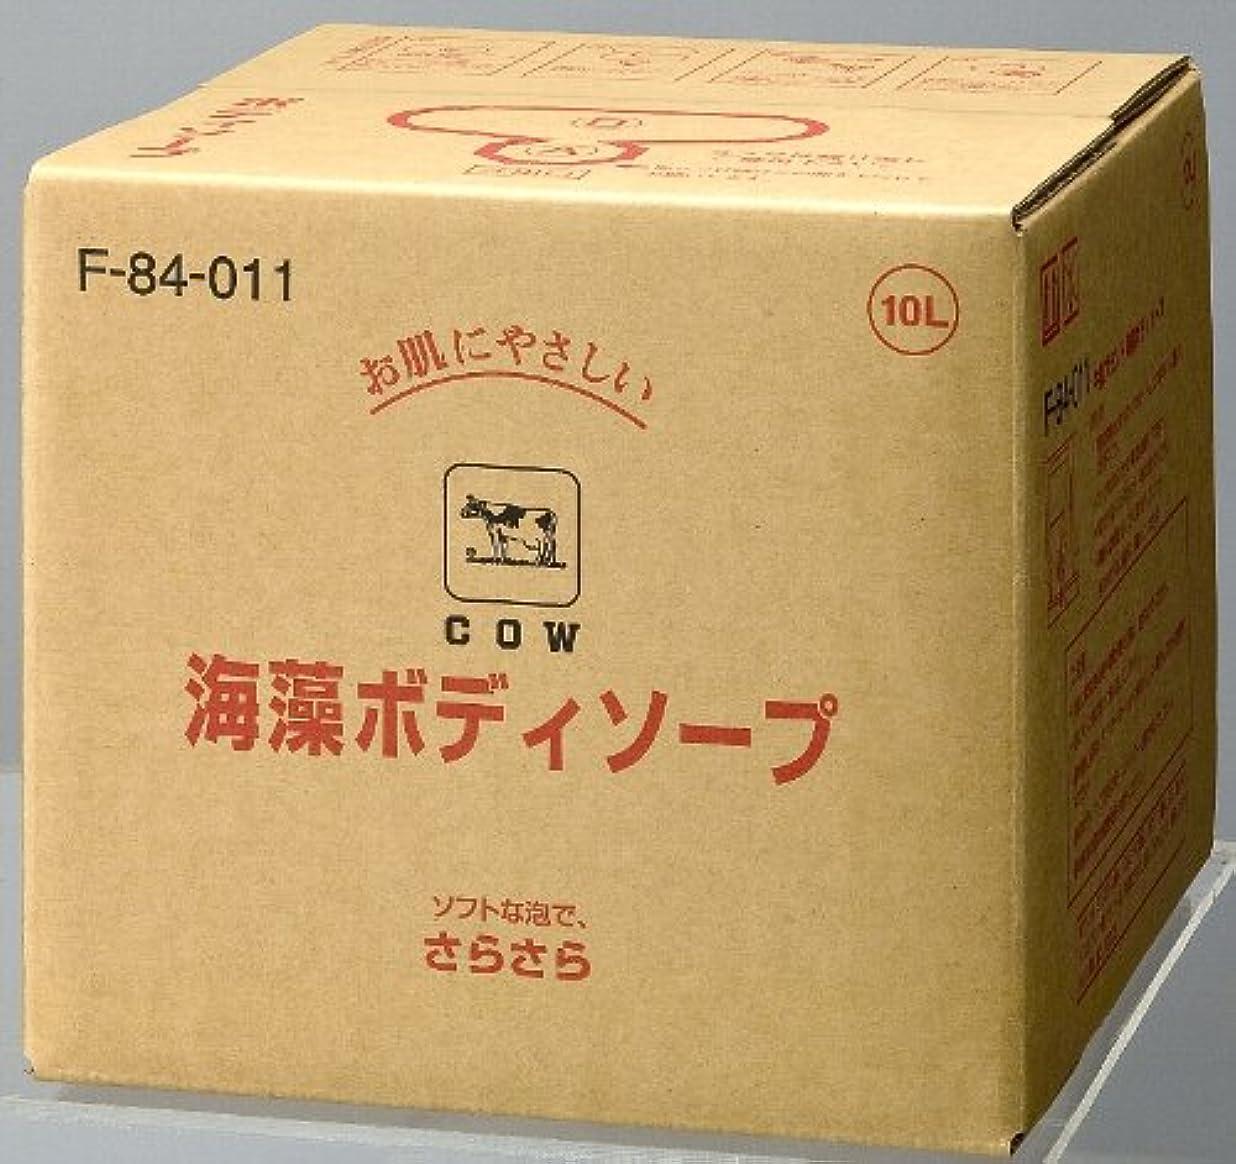 啓発するスチュワード応援する【業務用】カウブランド海藻ボディソープ 10L